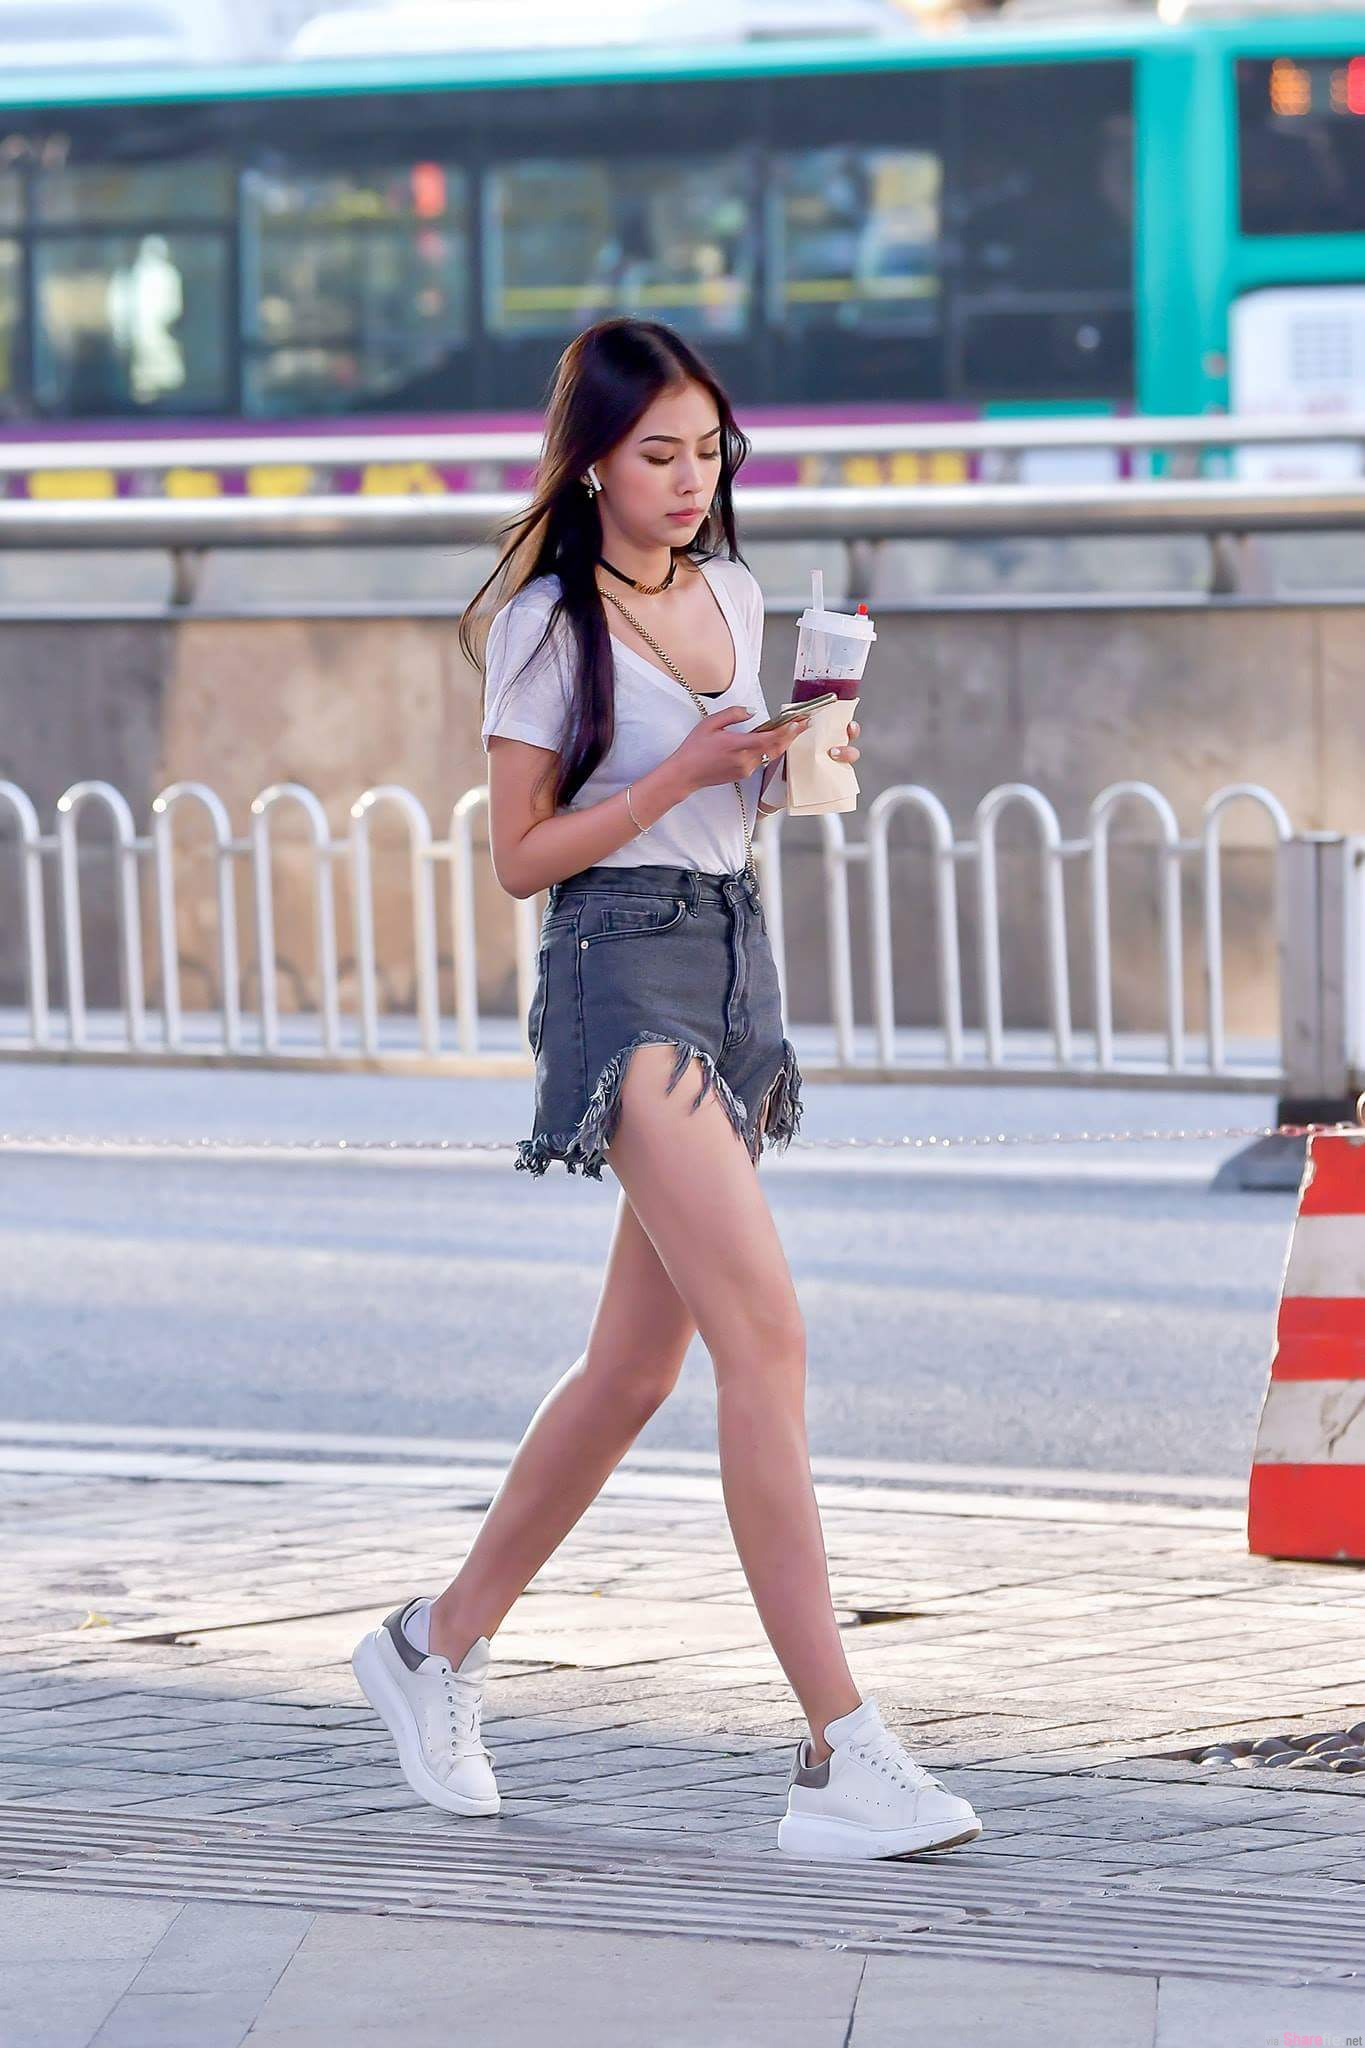 网疯传中国各大城市正妹街拍,「时髦顶级正妹」塞满大街